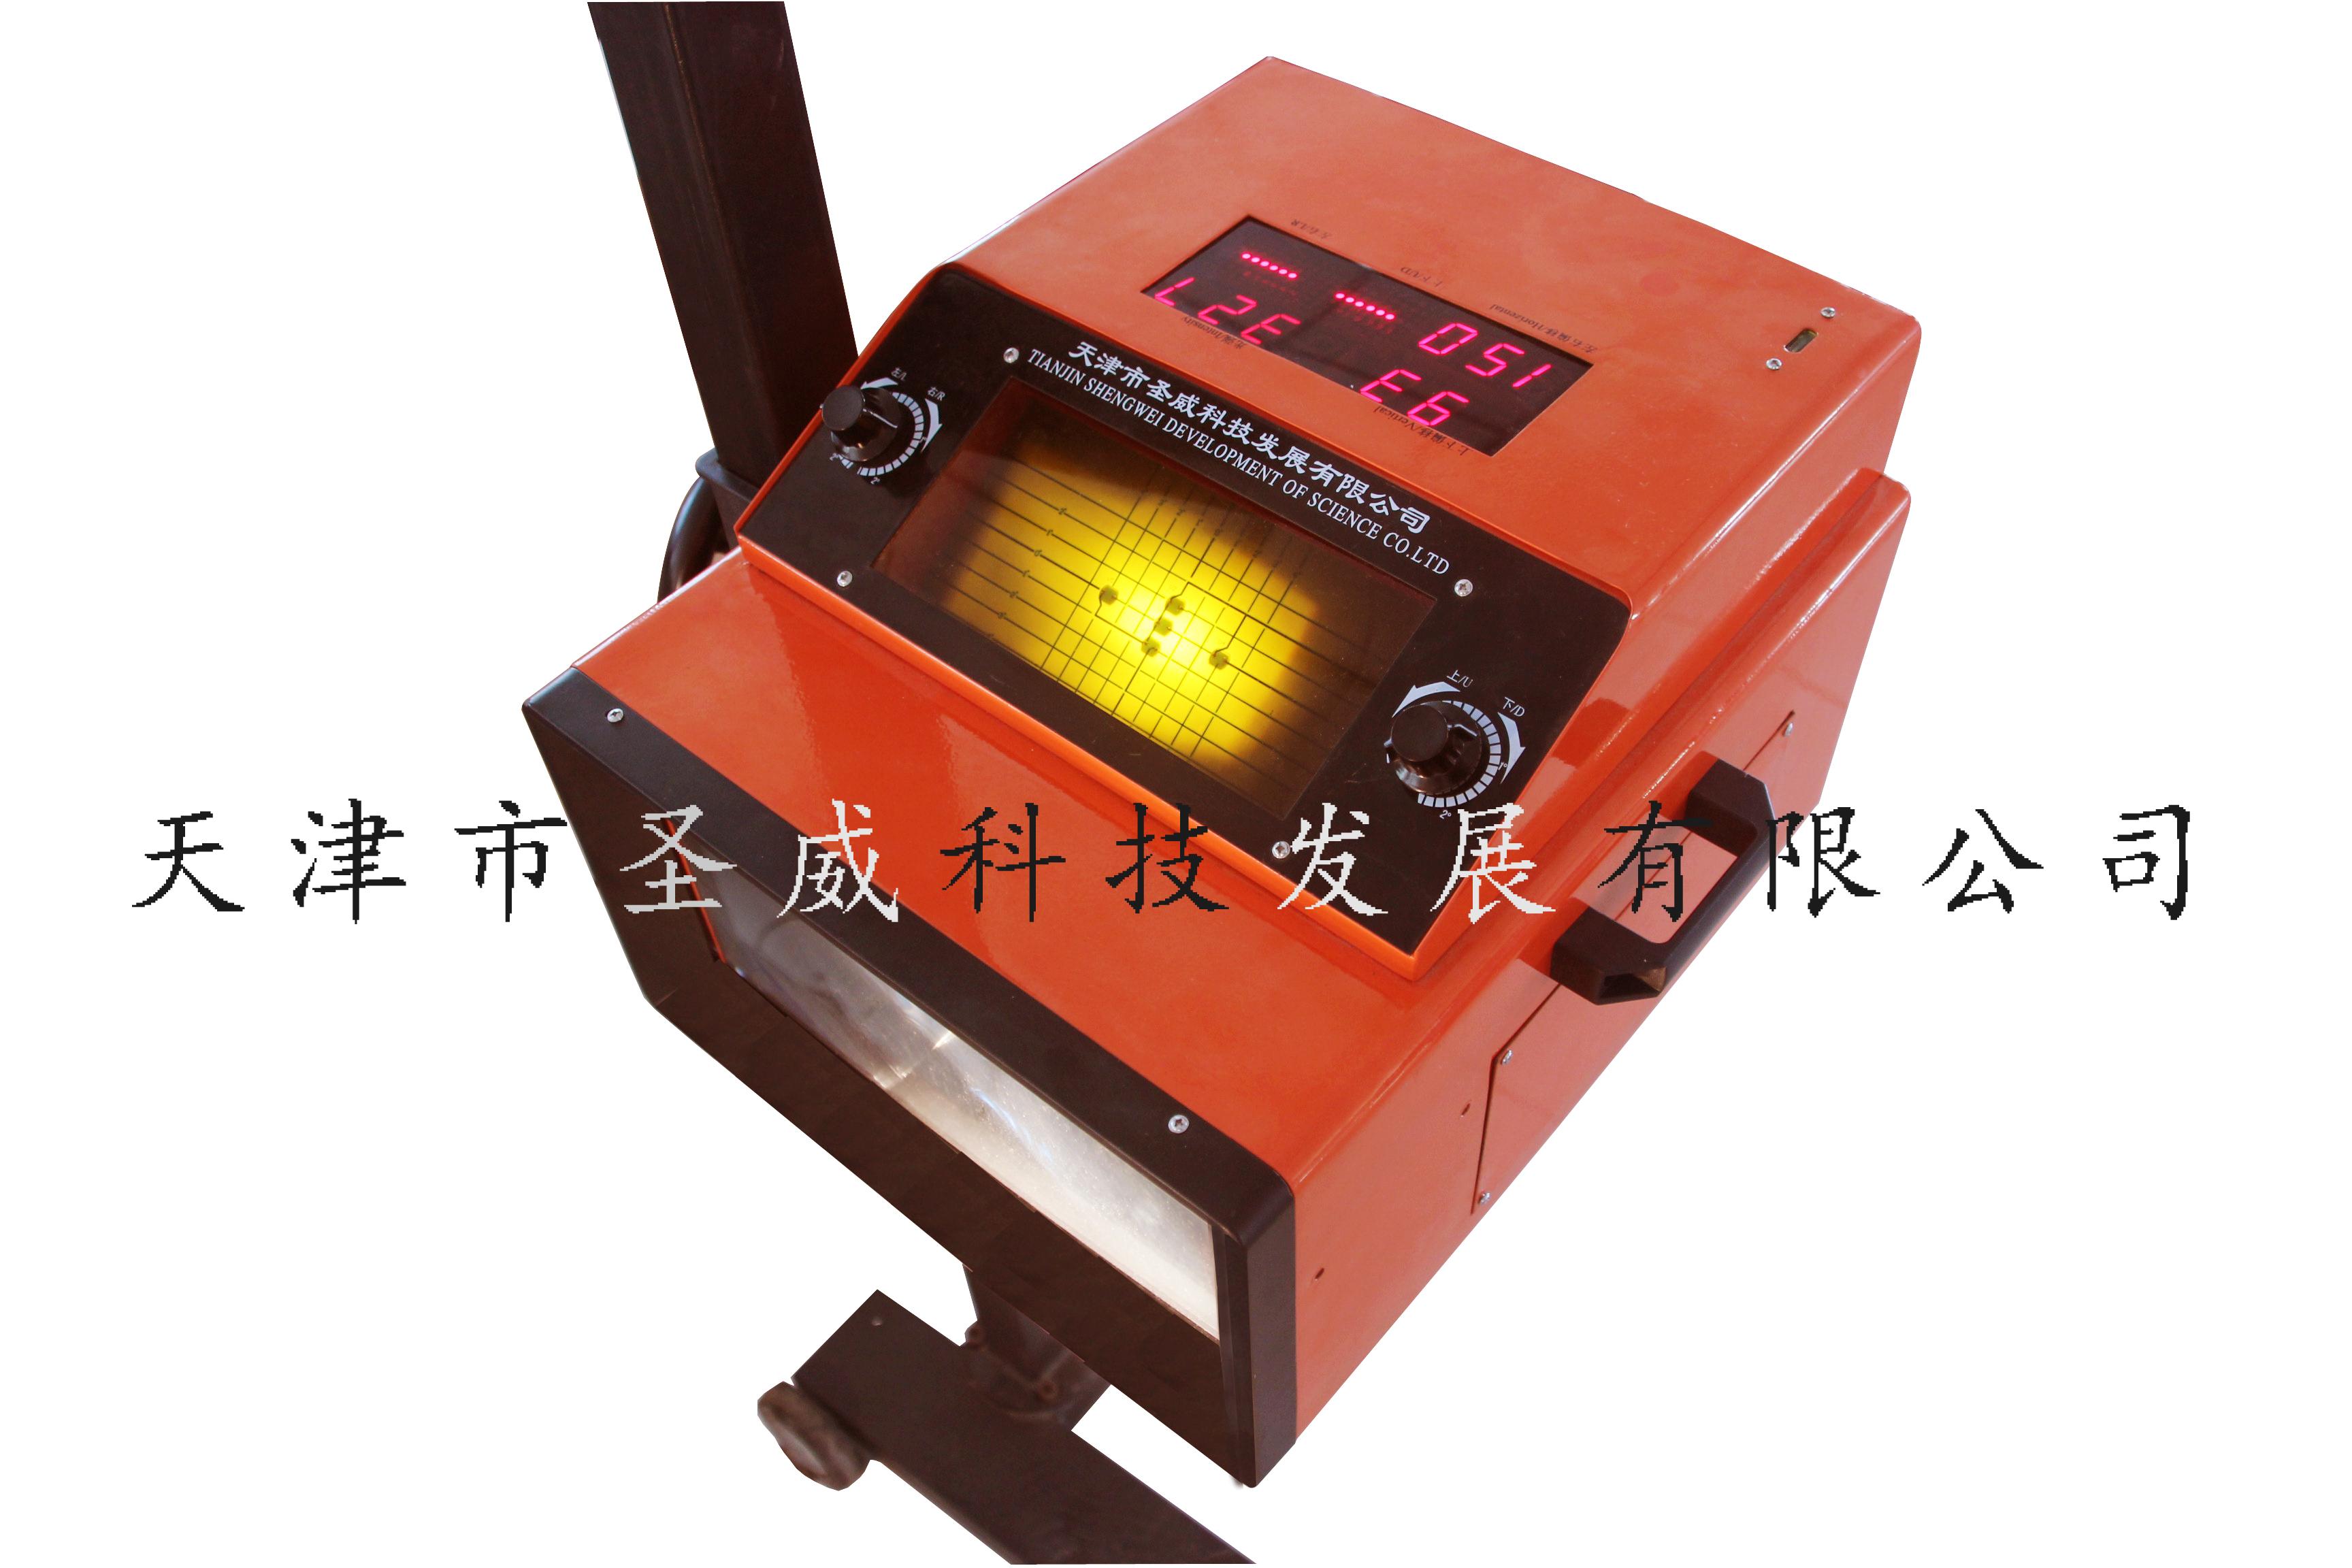 sv-d5t 汽车灯光检测仪 数码管显示屏 远近光检测仪 智能灯光检测仪